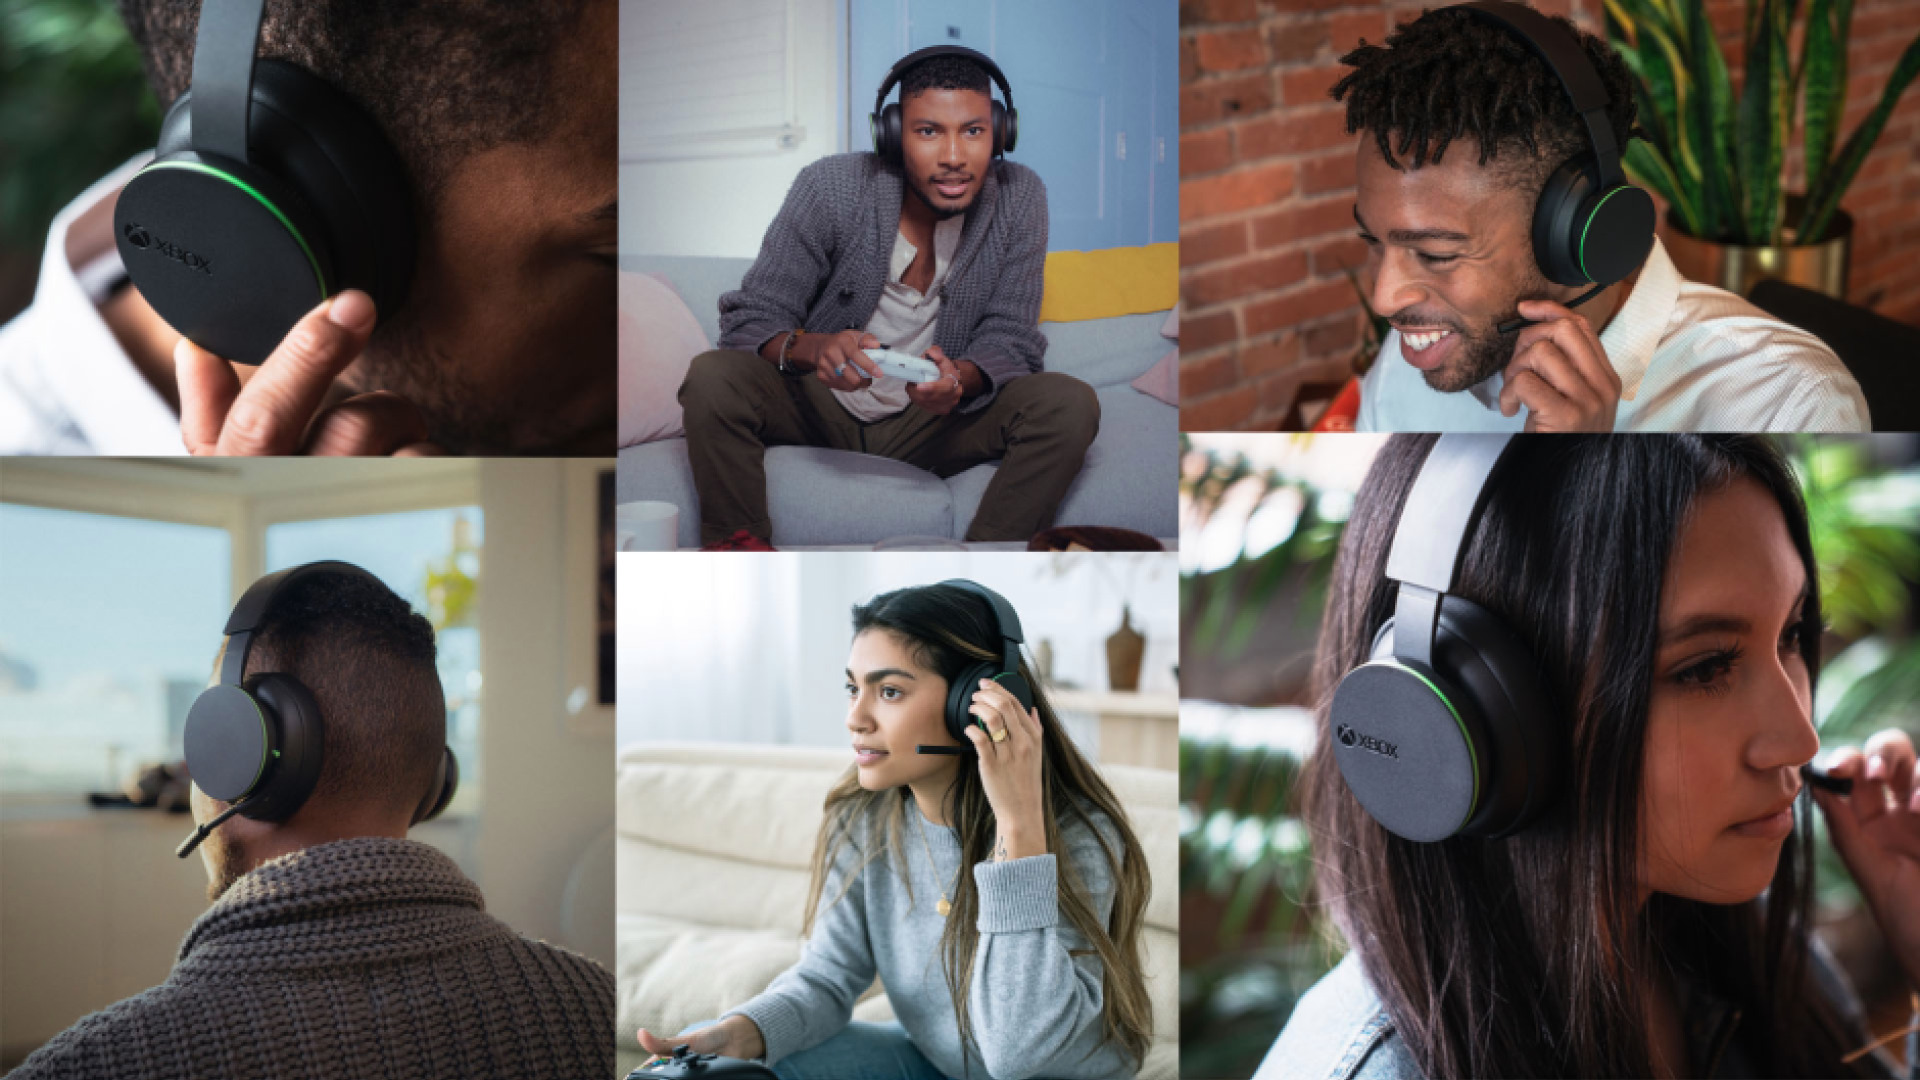 Xbox One Wireless Headset Bluescreen XboxWire_WirelessHeadset_LifestyleAsset.jpg